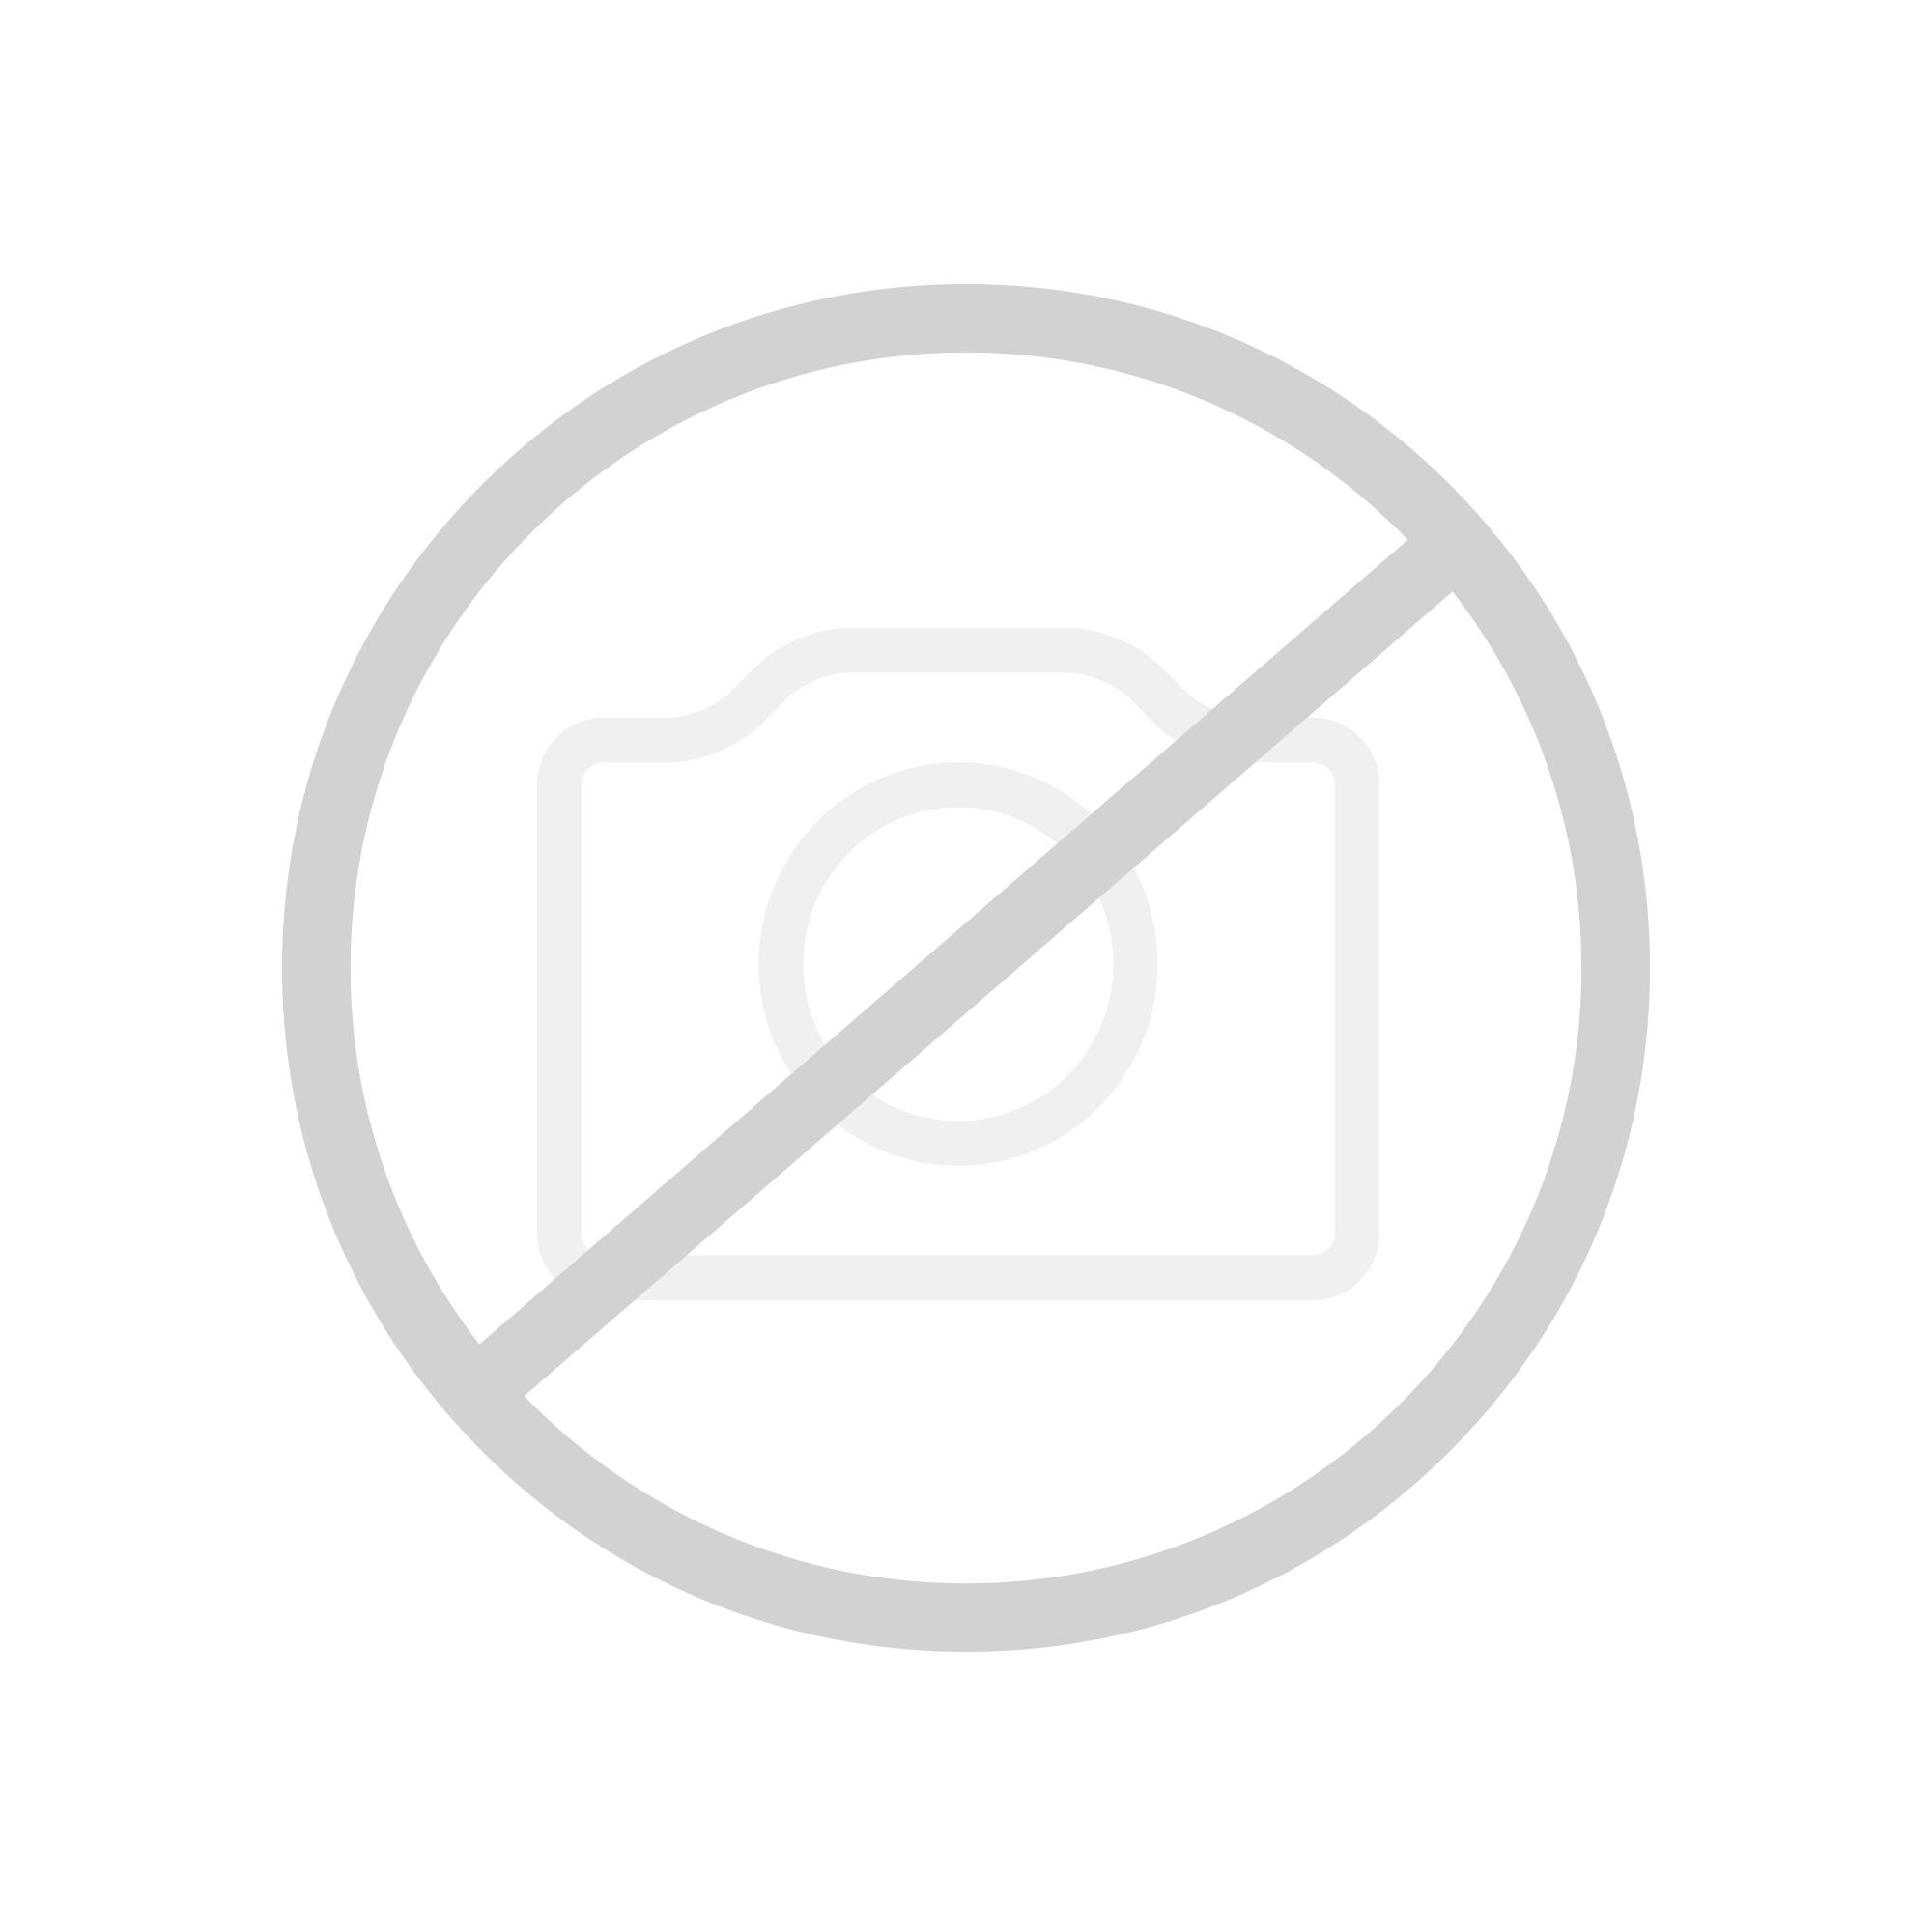 Villeroy & Boch Omnia pro / O.novo Spülkasten für Aufsatzmontage weiß